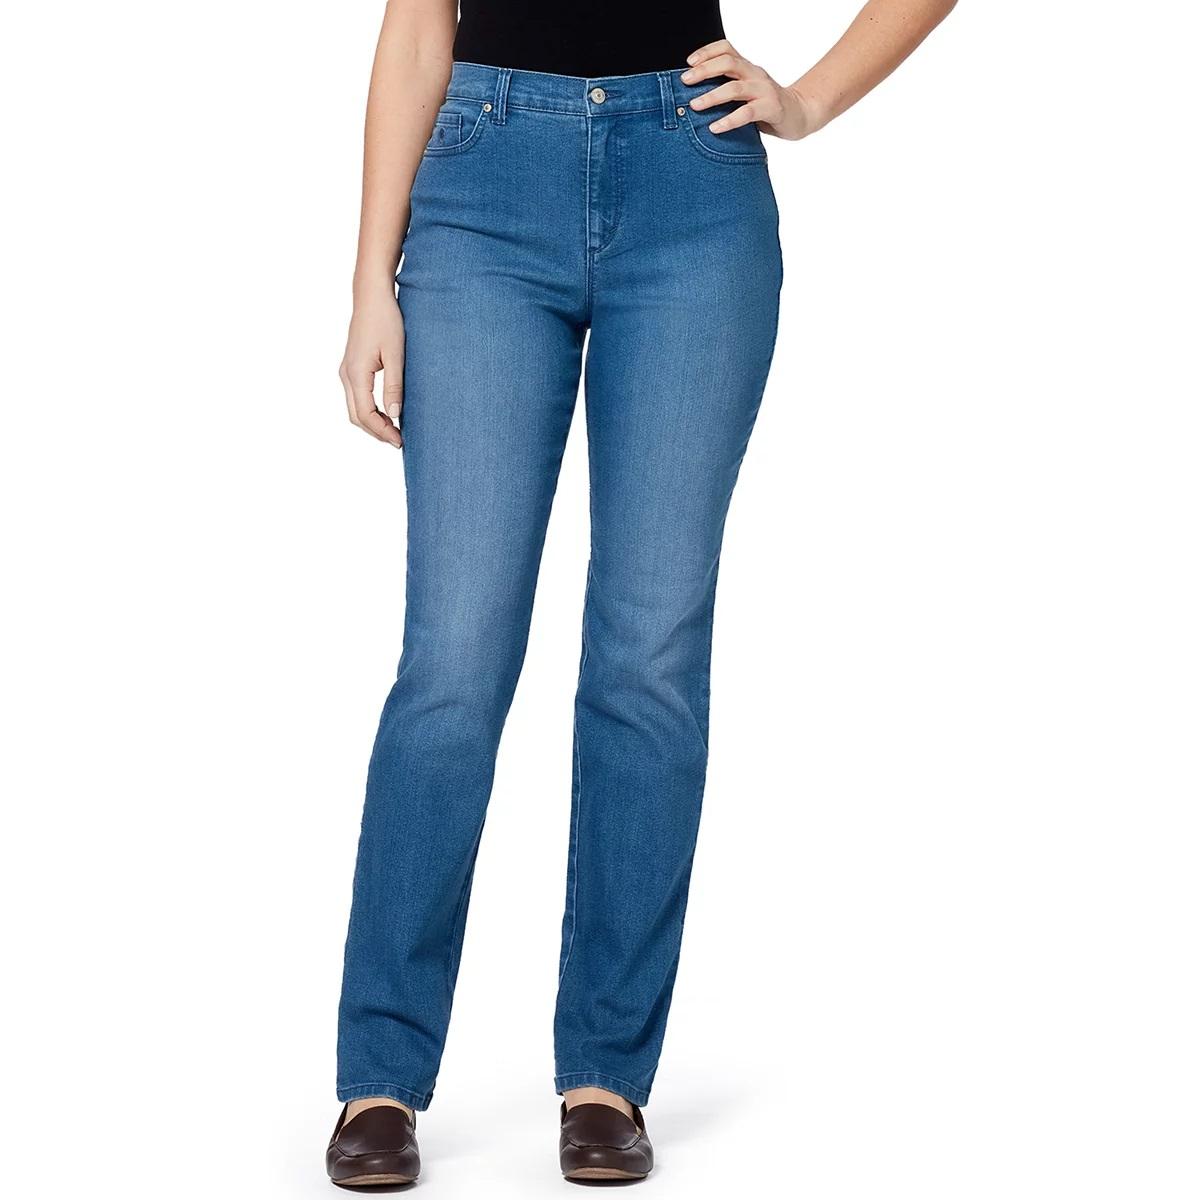 Gloria Vanderbilt Ladies Denim Average Length Jeans - Frisco 6